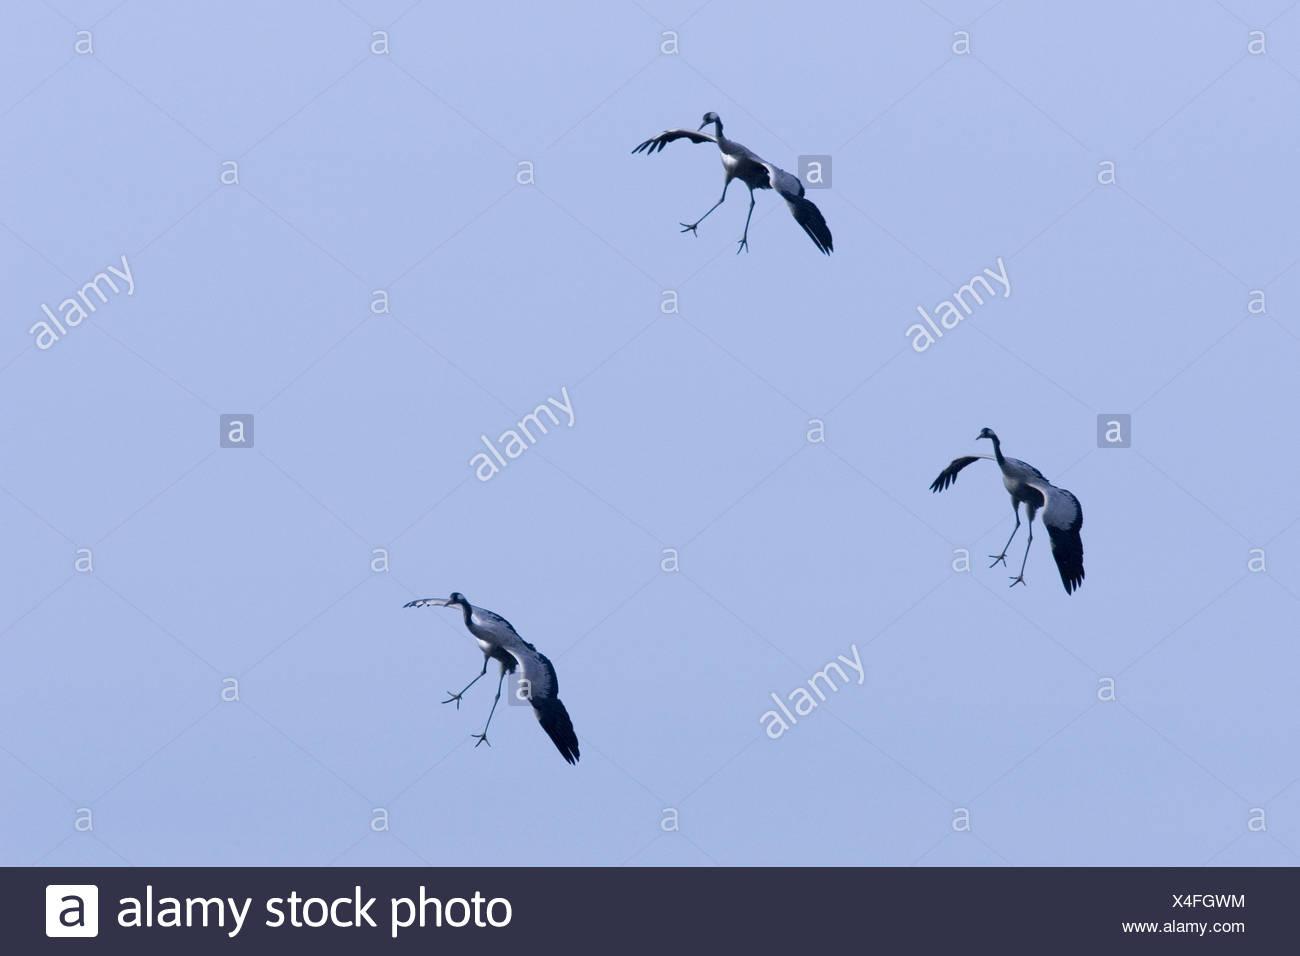 common crane (Grus grus), approach for a landing, Sweden, Hornborgasjoen - Stock Image